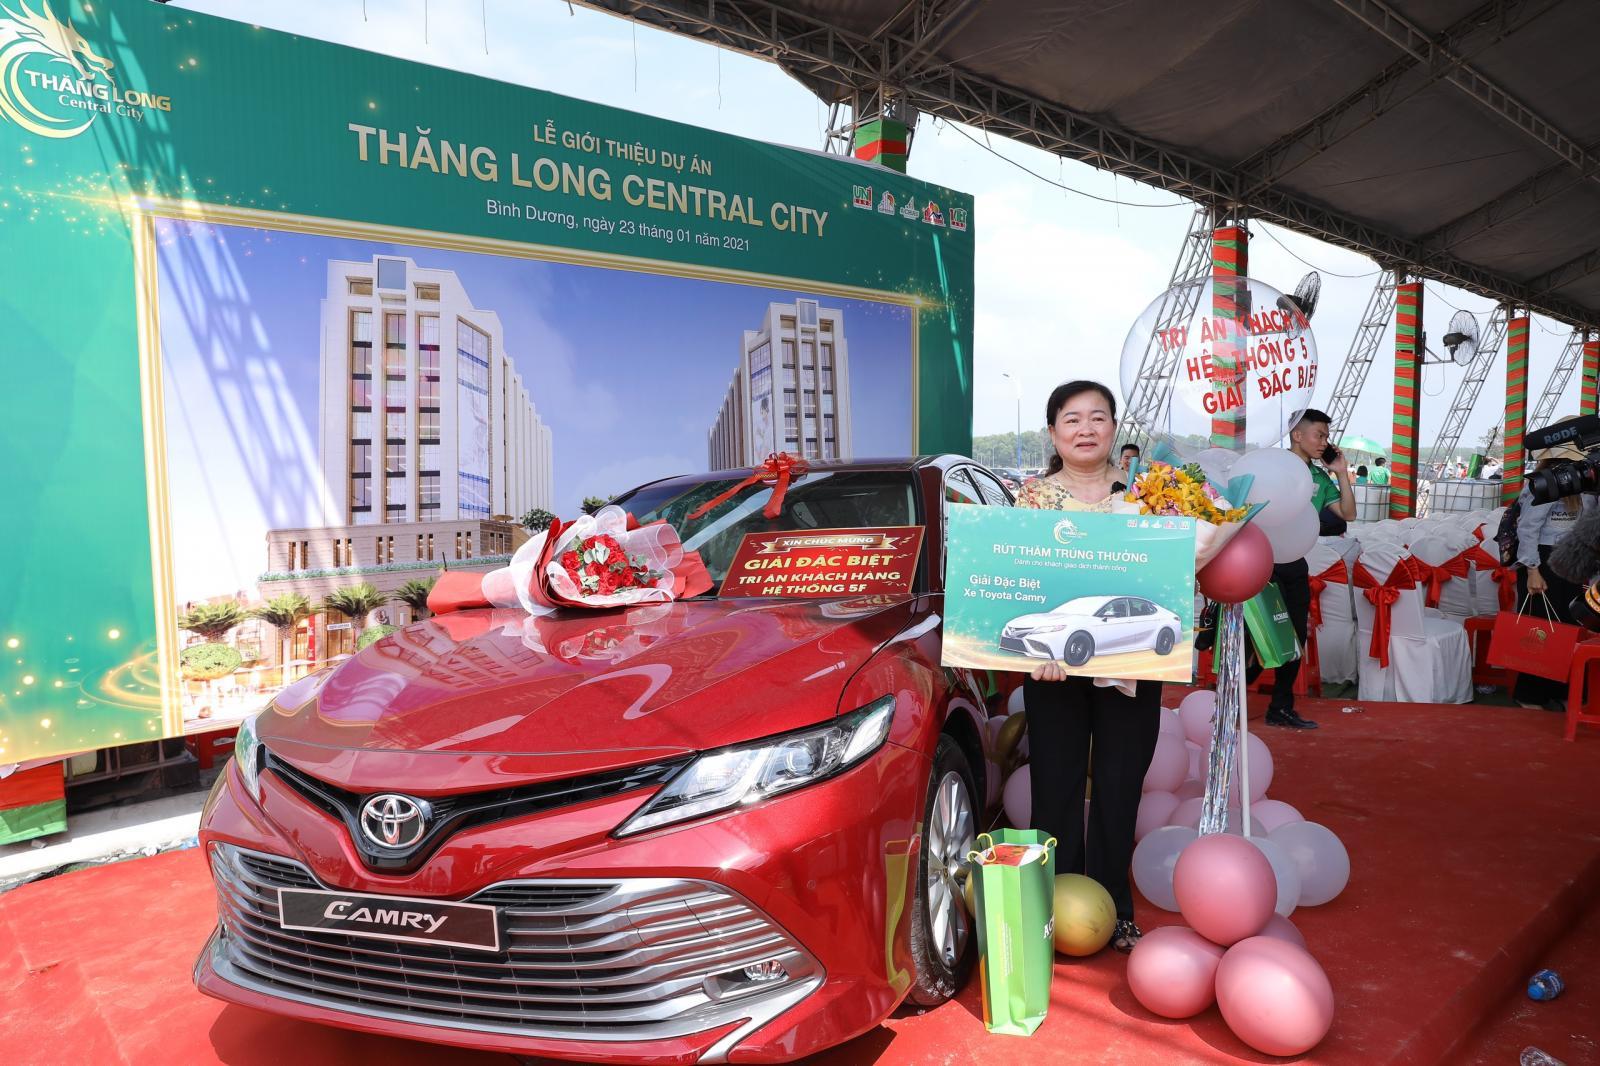 20210126142153 cf91 Tin thị trường BĐS mới: Giải mã lý do Thăng Long Central City cháy hàng